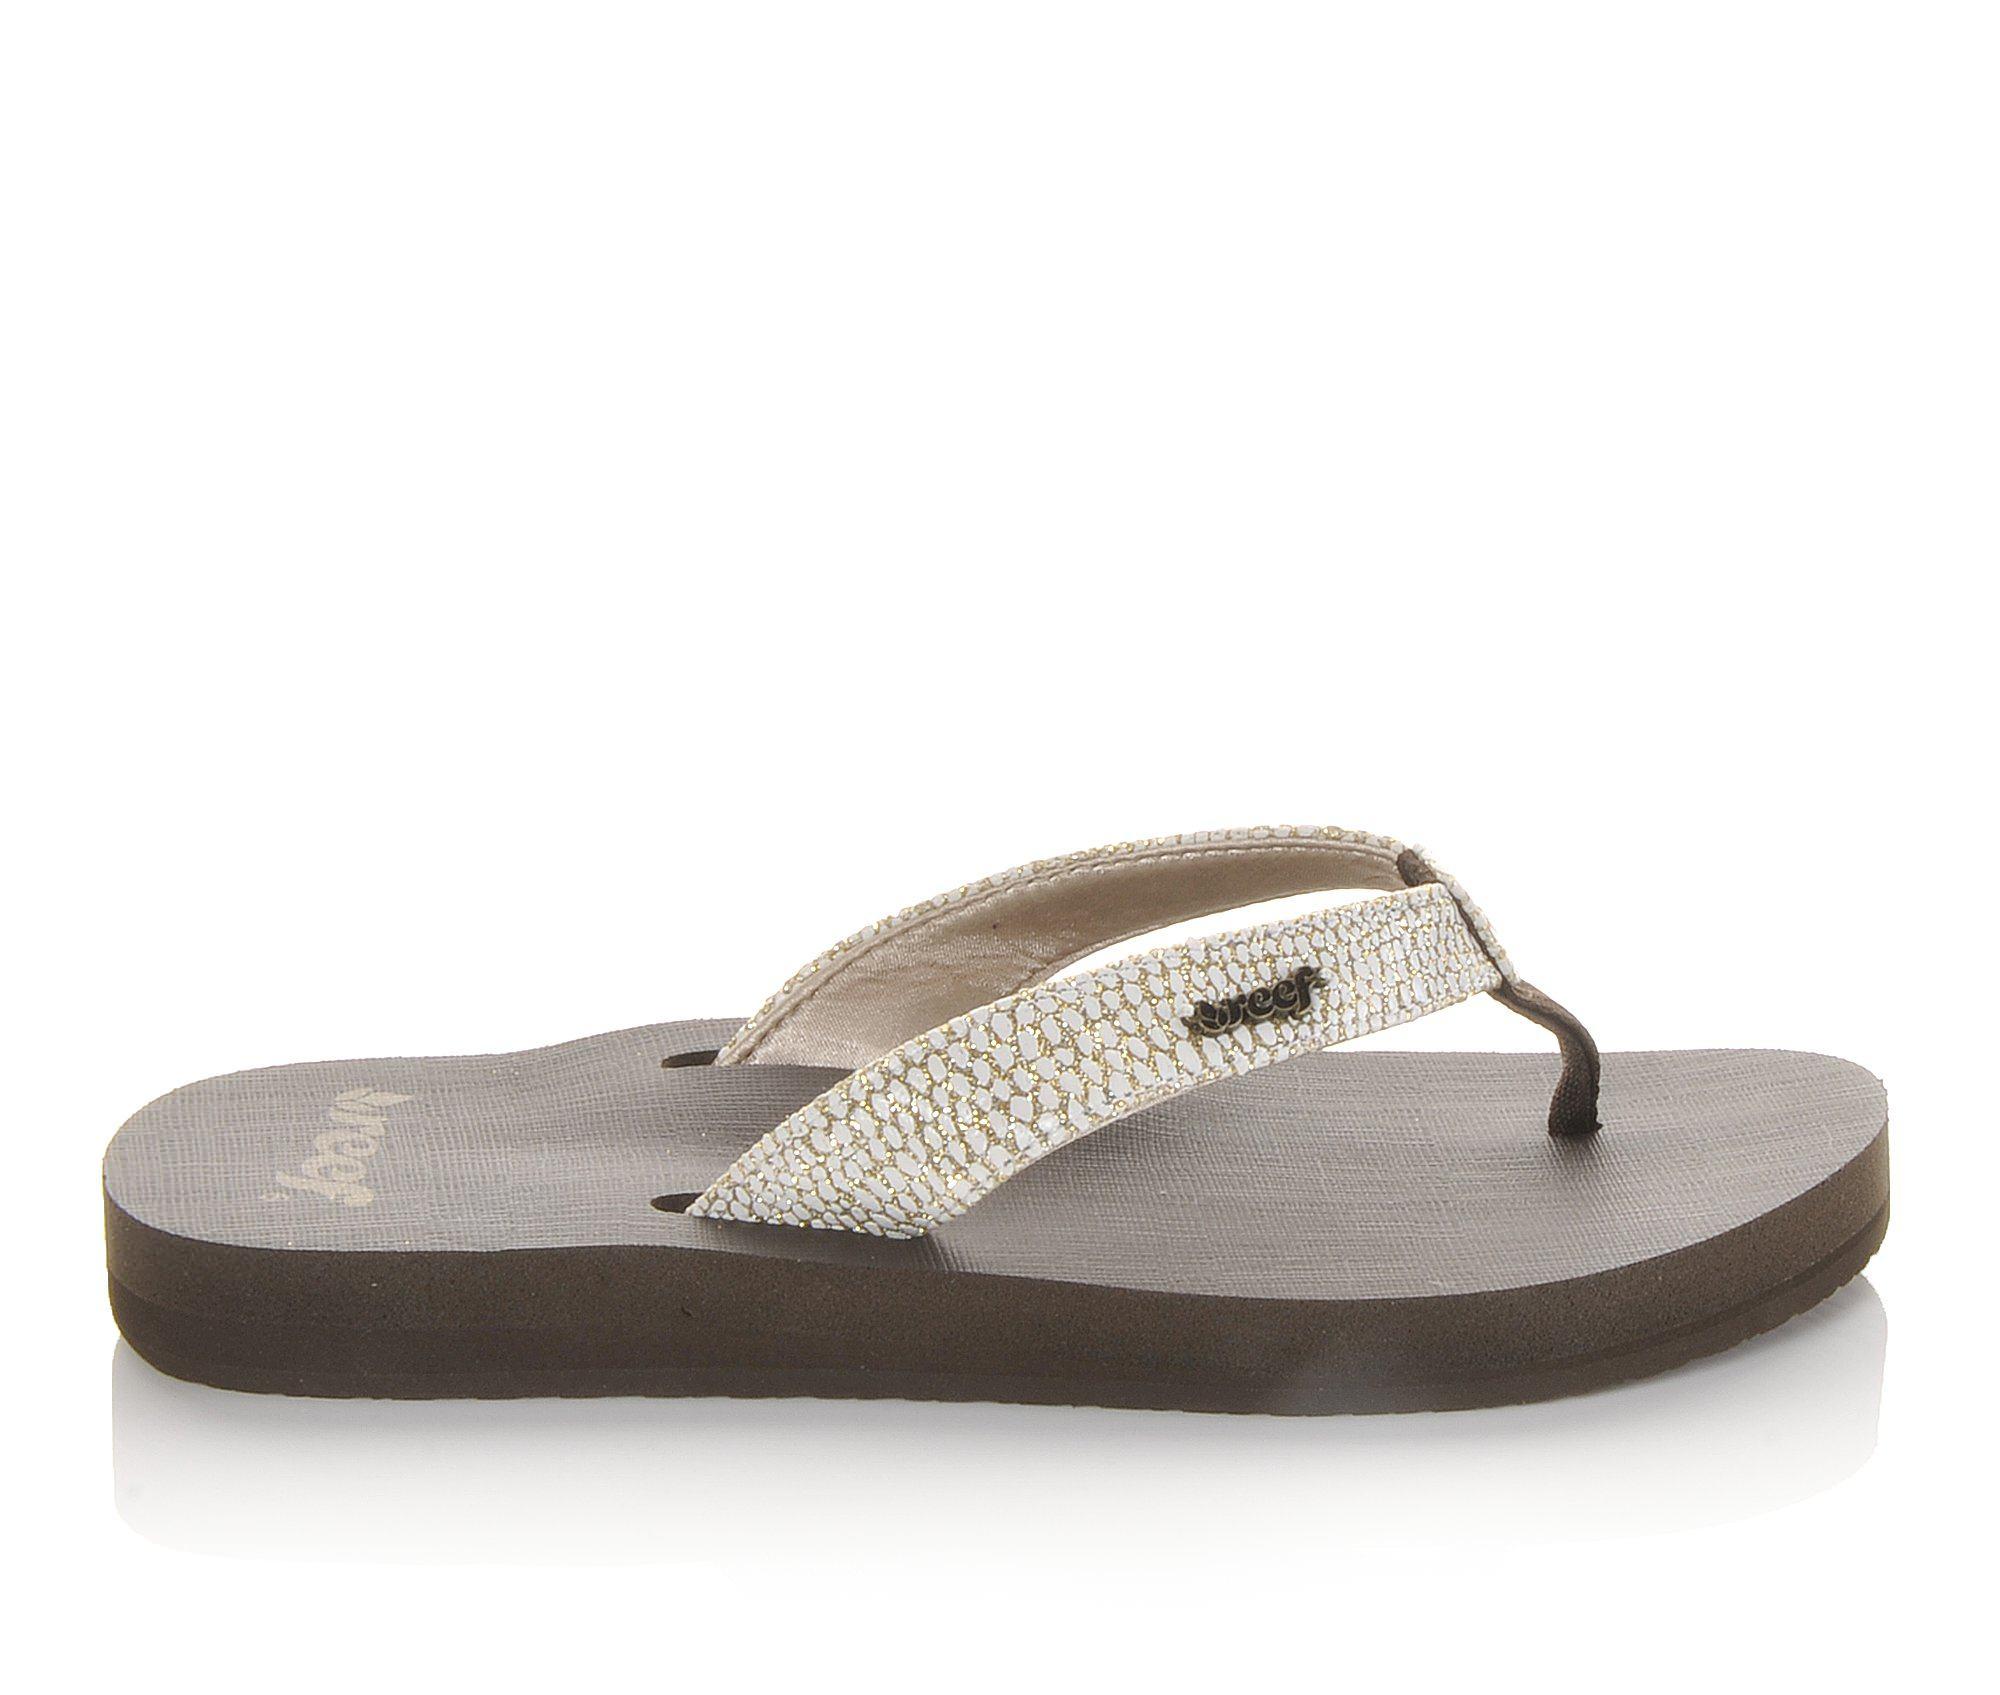 Women's Reef Sassy Star Sandals (Brown)